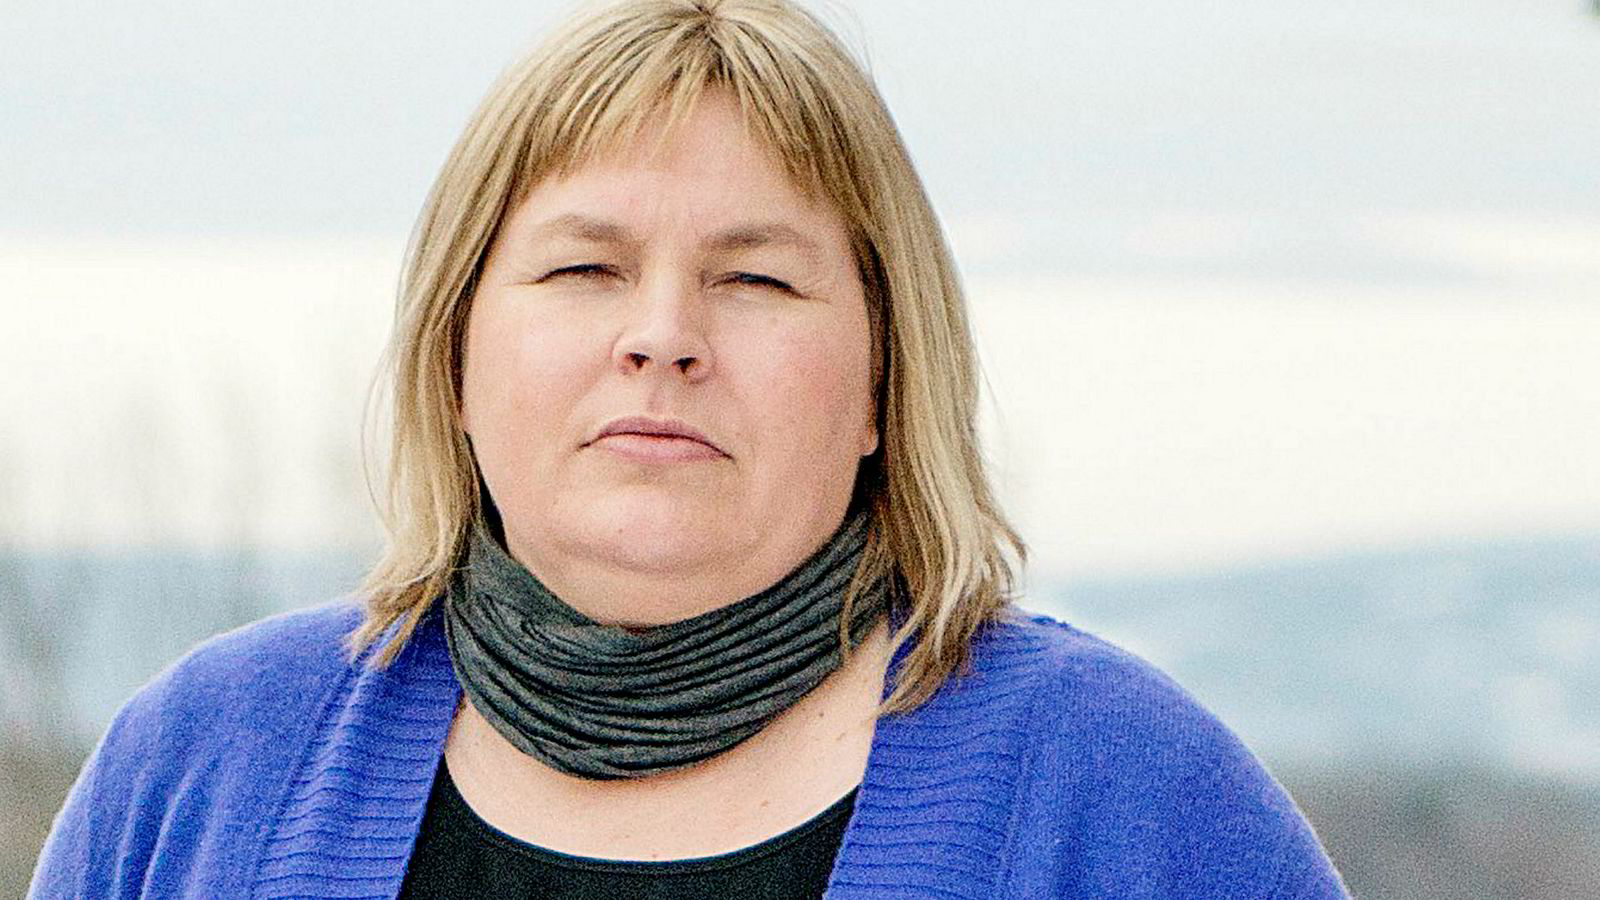 Generalsekretær i Norsk Presseforbund Elin Floberghagen sier de vurderer å ekskludere alternative medier fra klageordning.